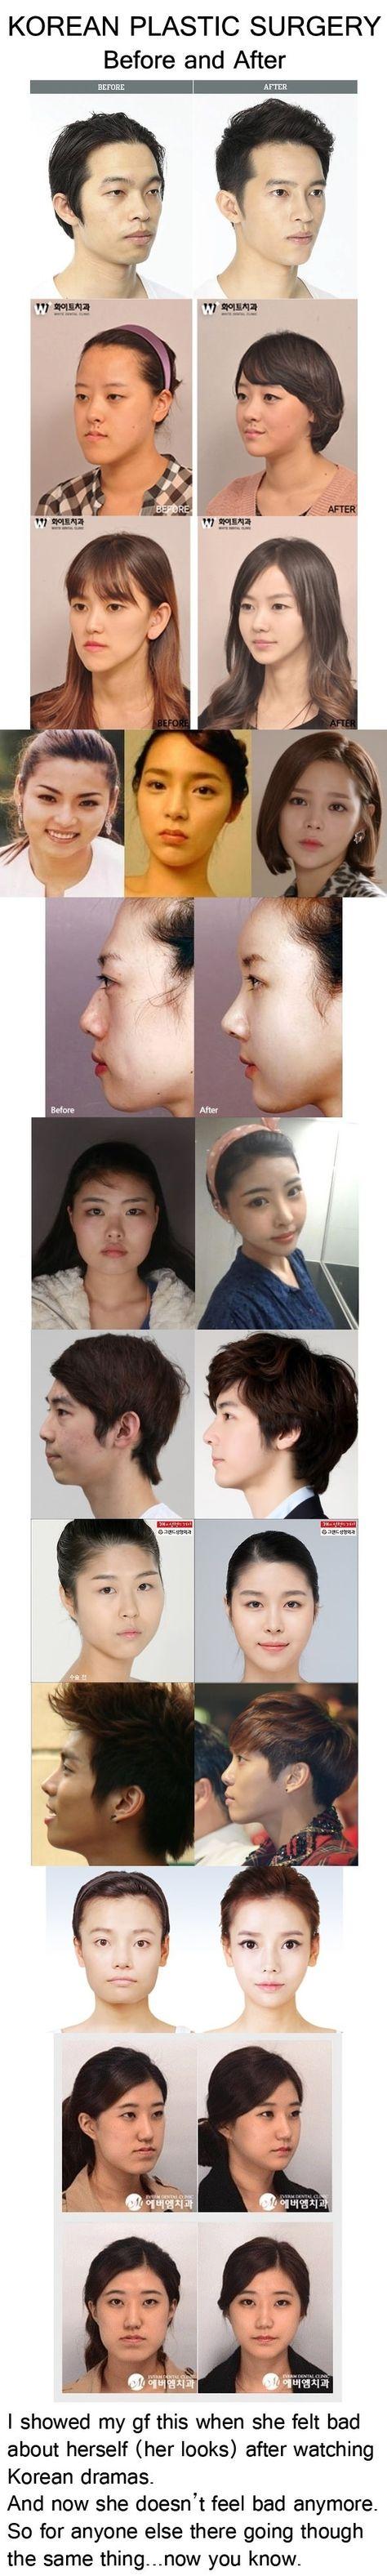 Jk plastic surgery in south korea korean plastic surgery best plastic surgery in korea extreme plastic surgery in korea best plastic surgery clinic